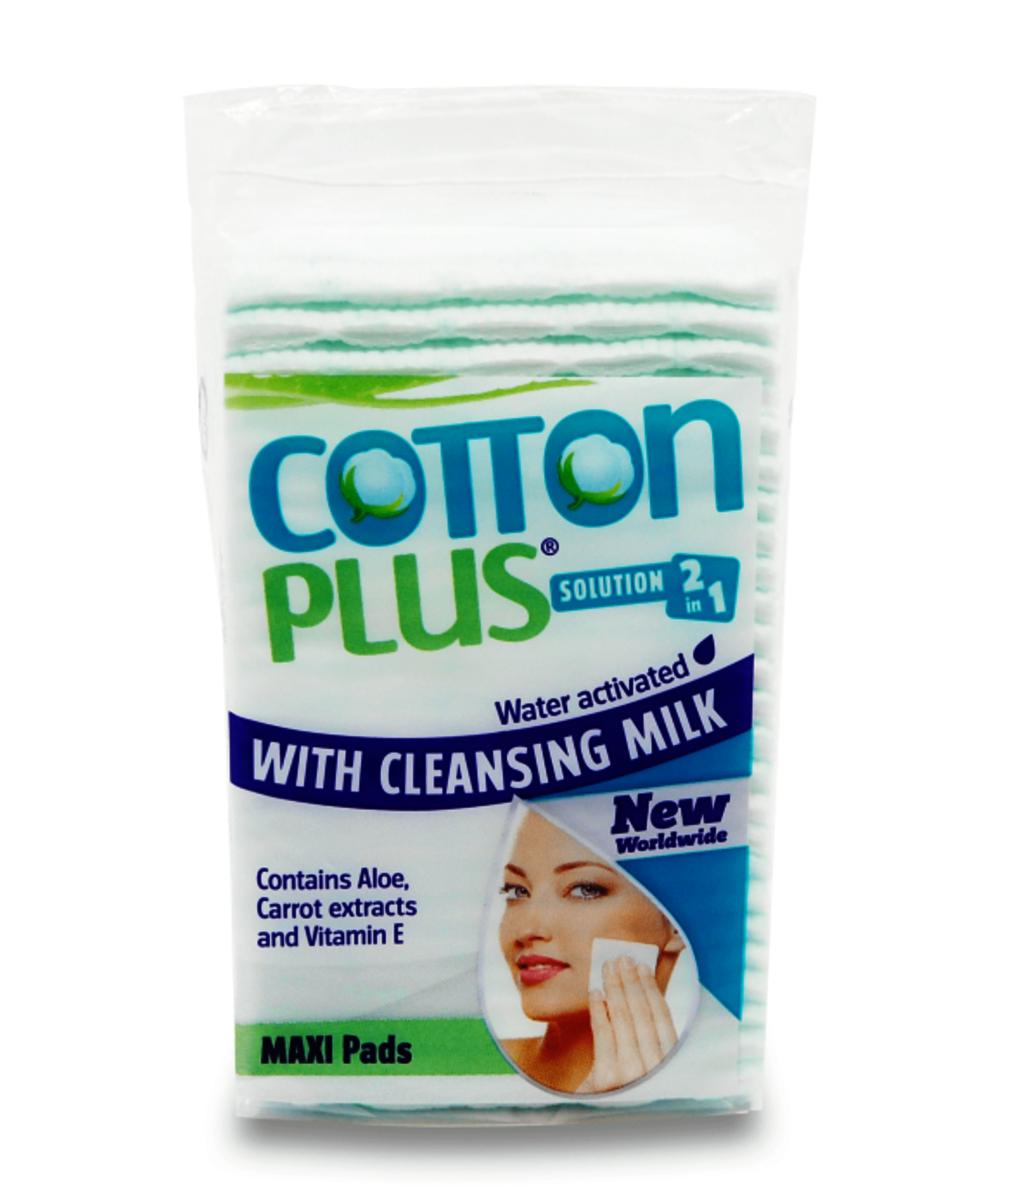 (意大利製造)水抹潔妝棉 50枚  (8023546553740)